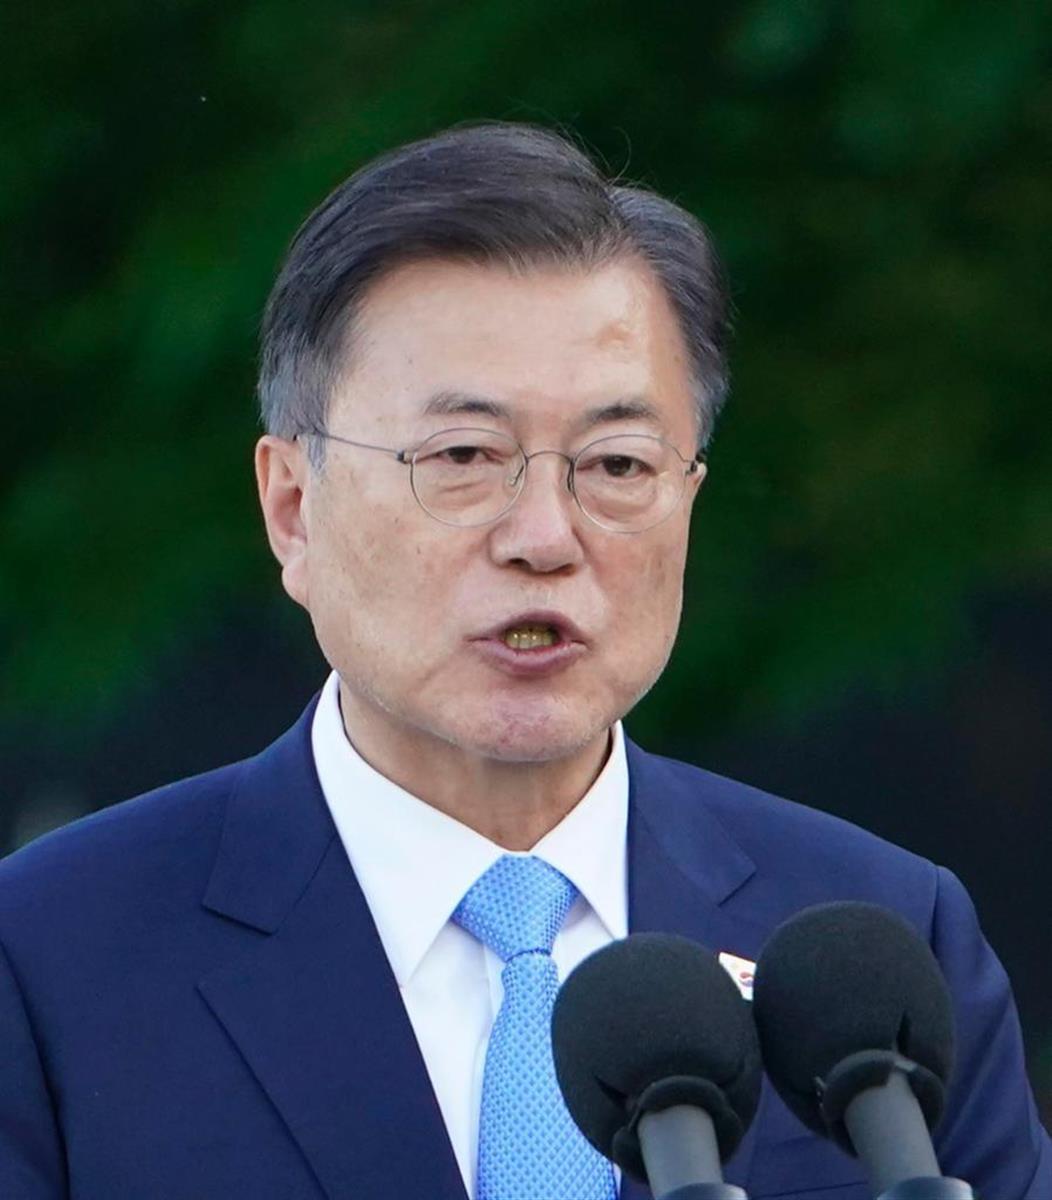 韓国の文在寅大統領=今年5月、米ワシントン(AP)